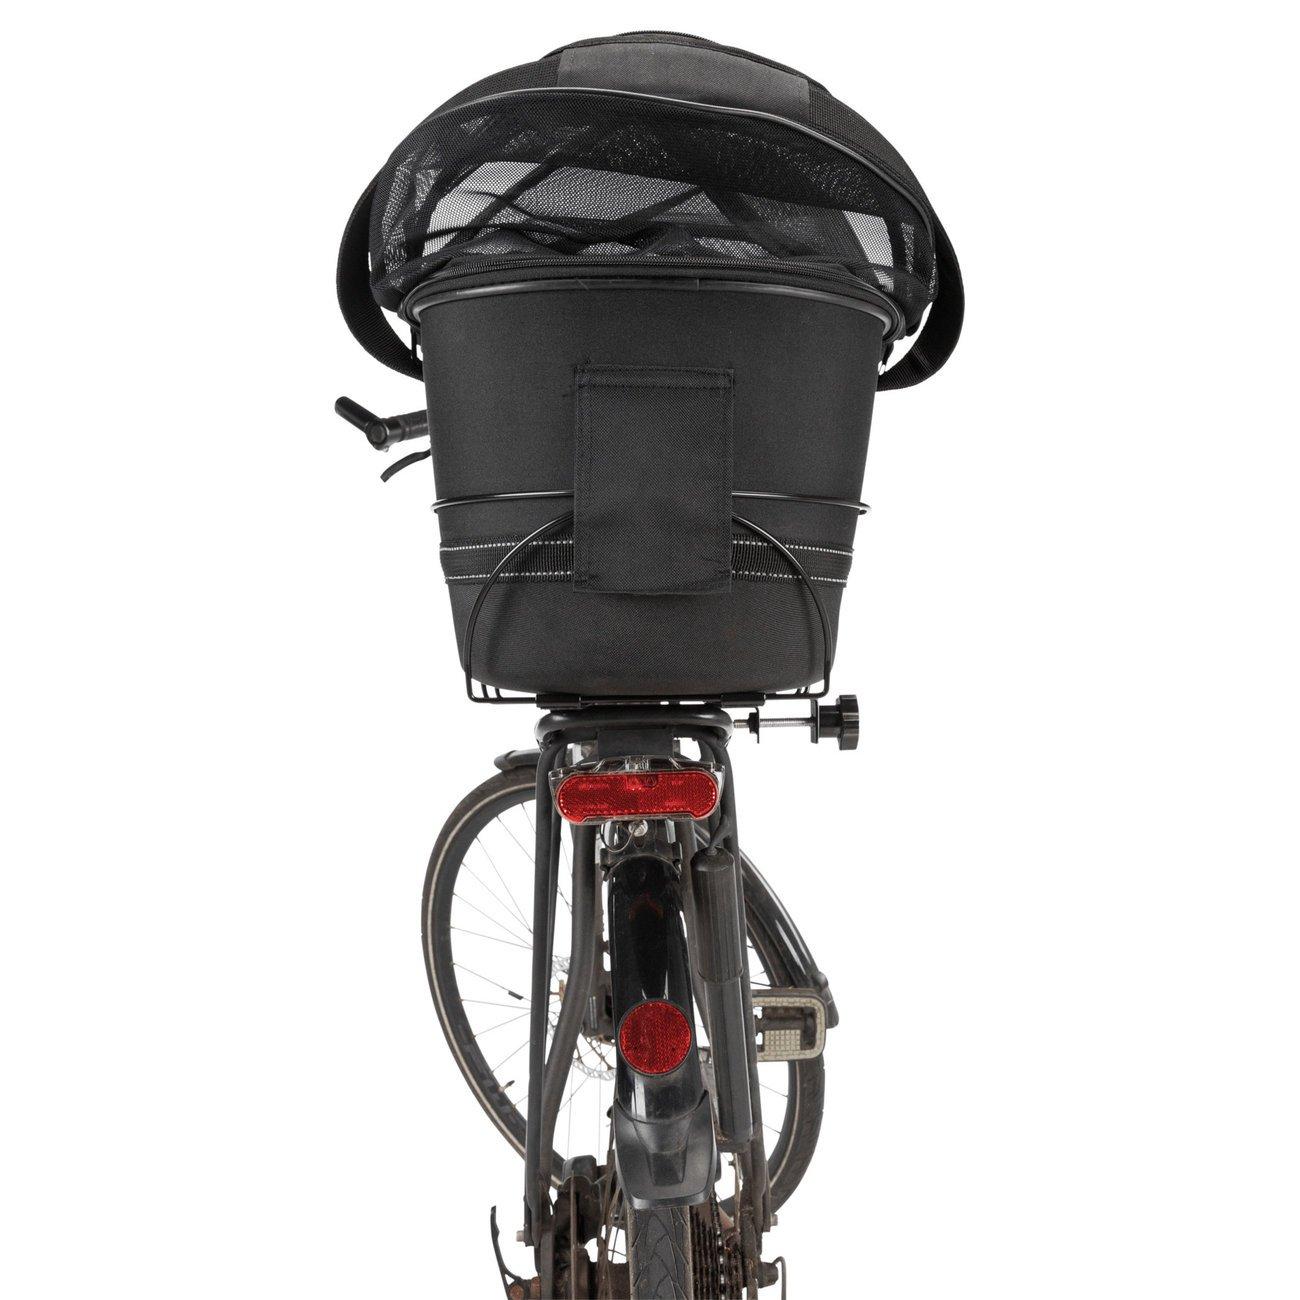 TRIXIE Hunde-Fahrradkorb für schmale Gepäckträger 13111, Bild 5